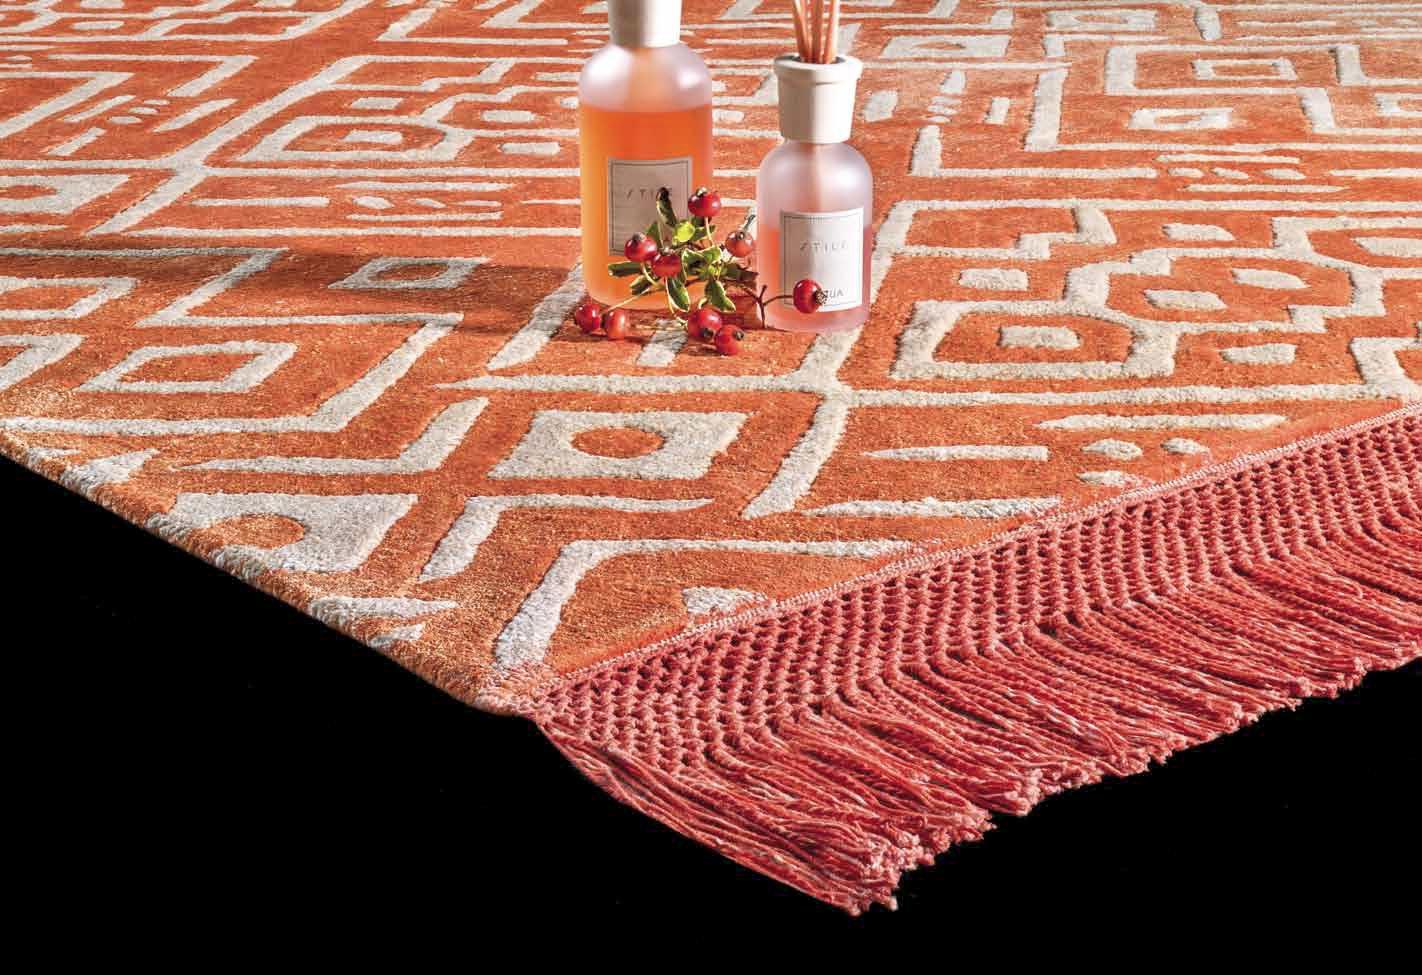 tappeto rettangolare arancione fucsia colorato grande geometrico lavabile moderno morbido misura dimensioni seta